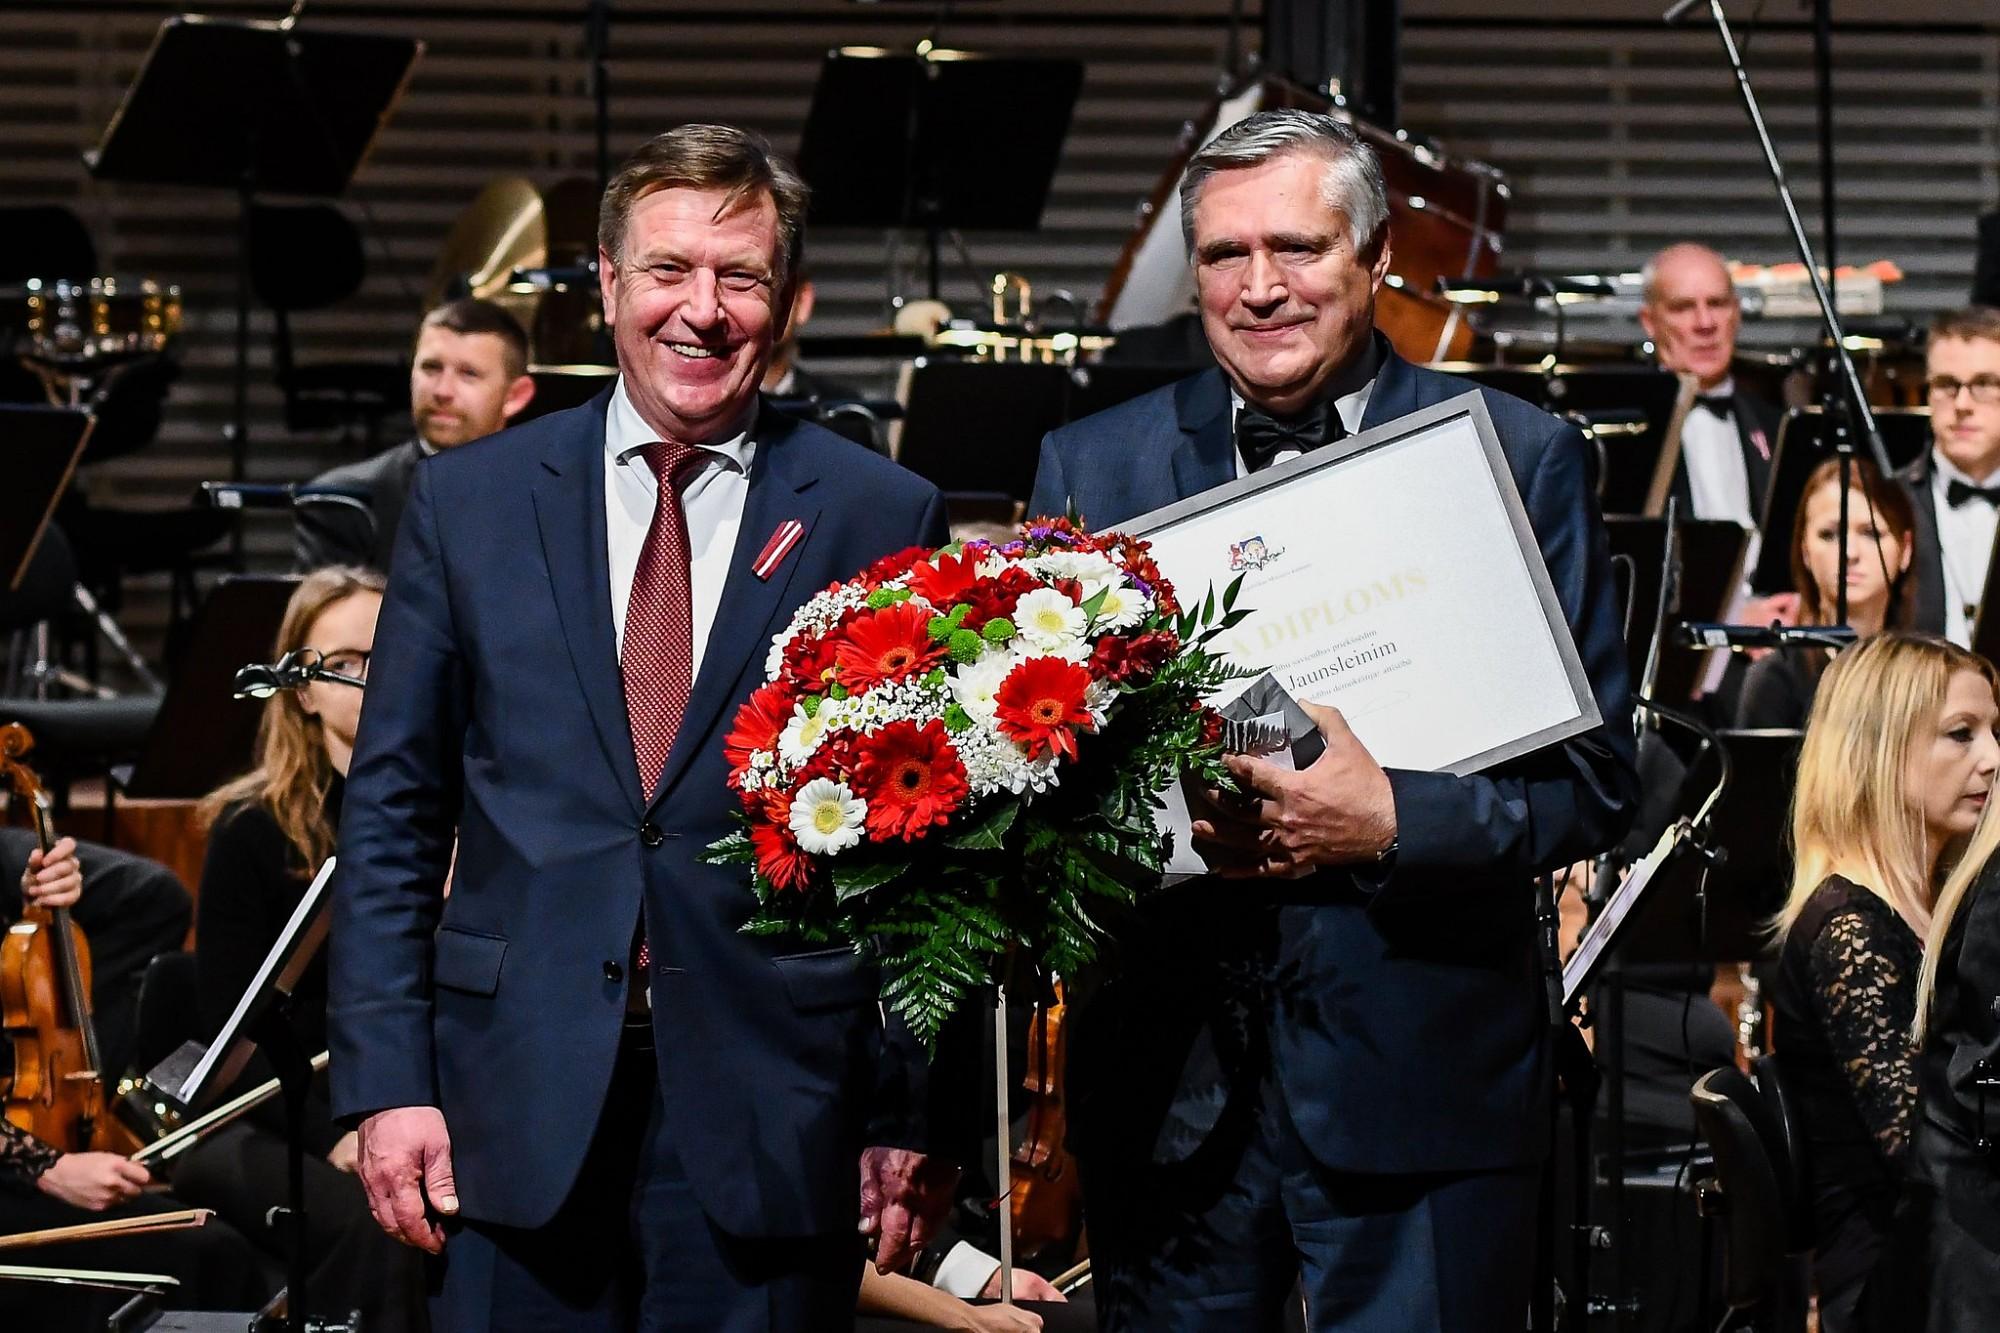 Papildināts (ar foto) – Liepājā godina 2016.gada Ministru kabineta balvas laureātus